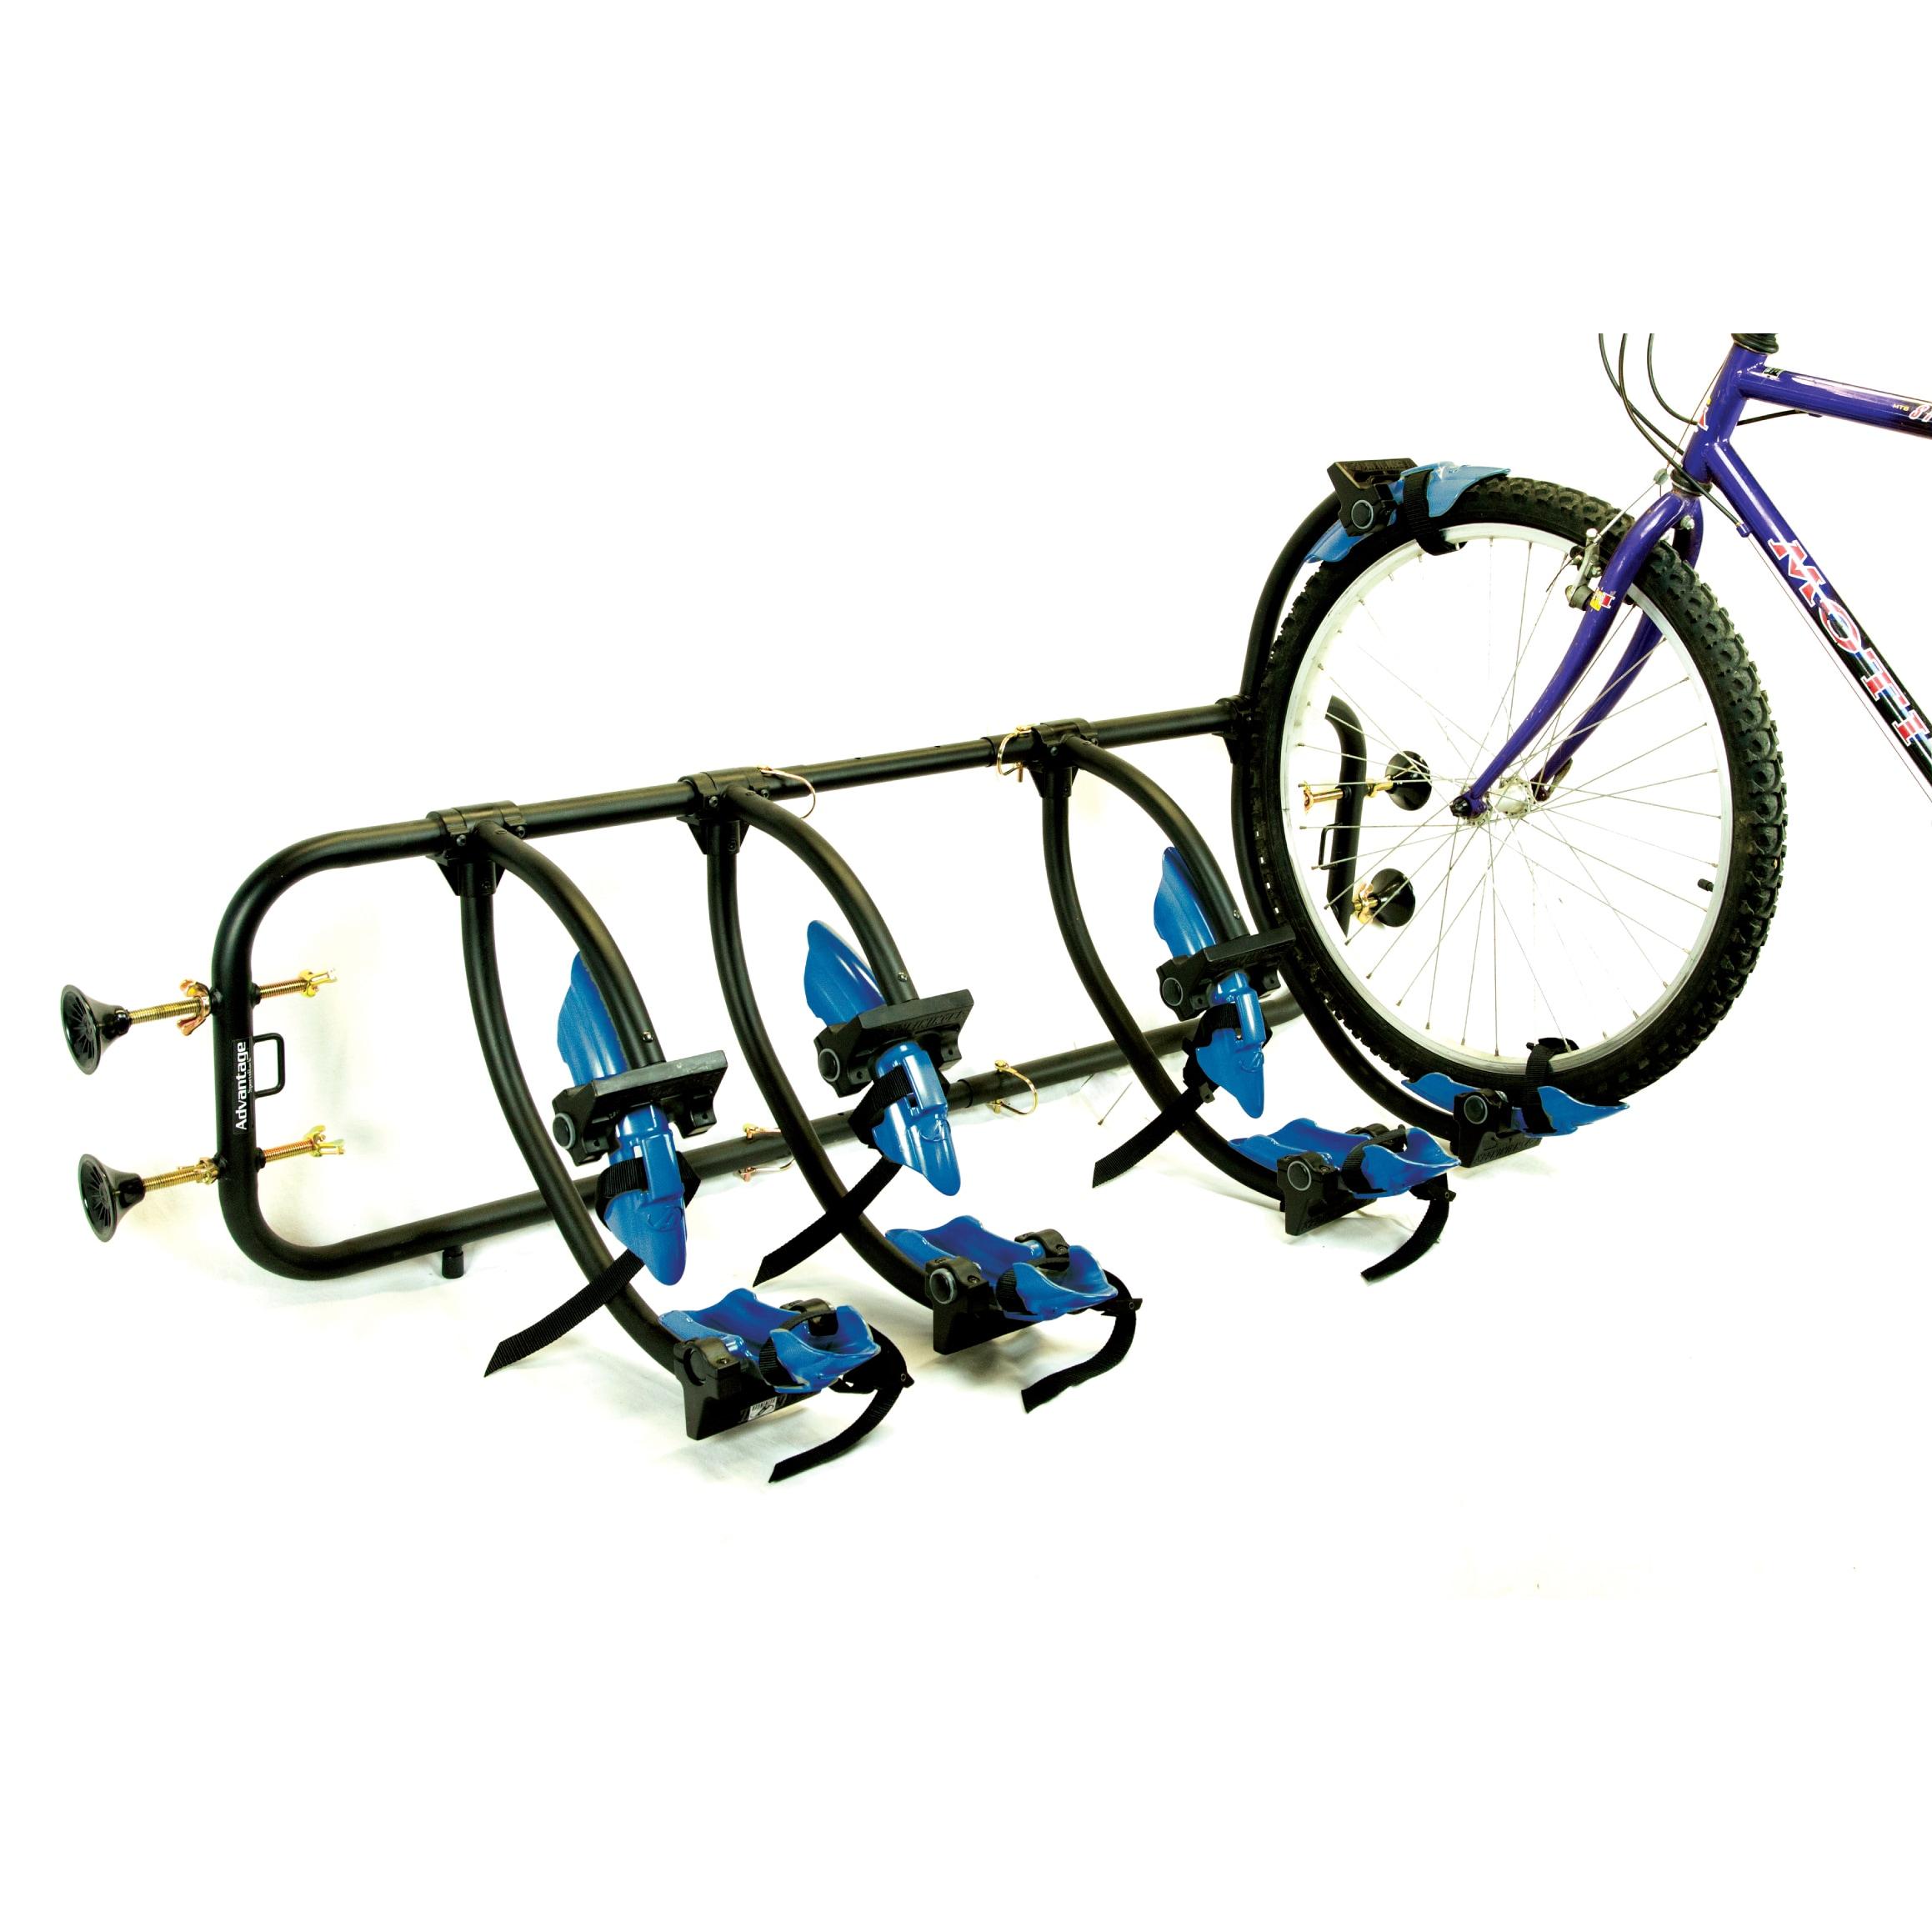 gear platinum steel storage raw up rack freestanding bike